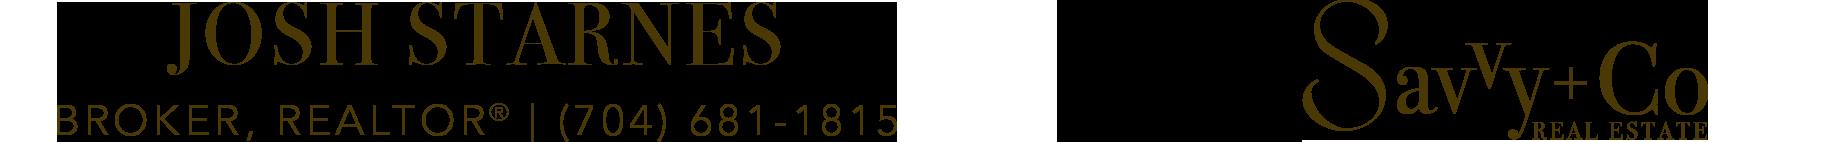 Josh Starnes REALTOR® Logo